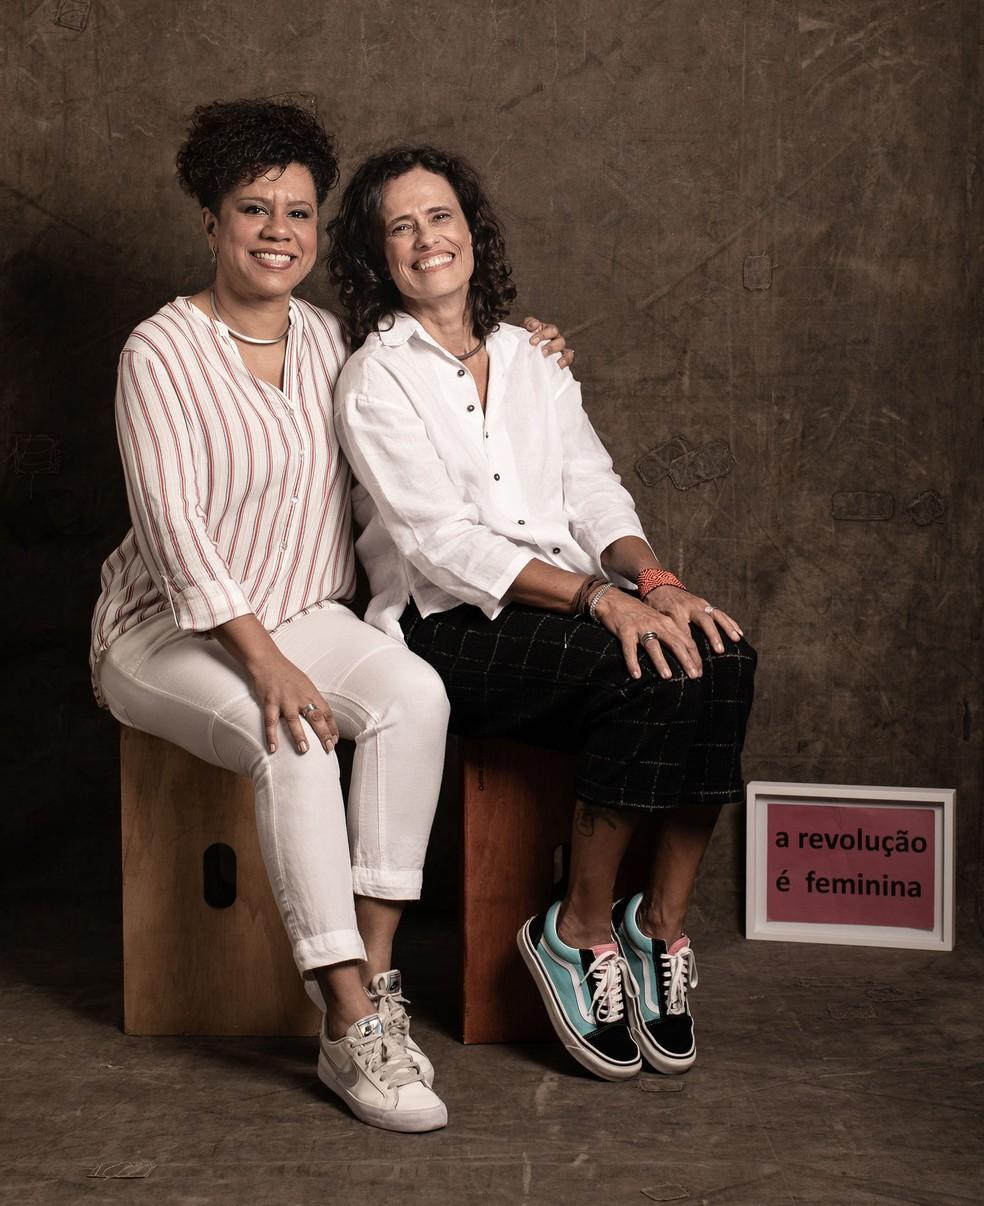 Ana Costa e Zélia Duncan são as compositoras das 16 músicas do álbum conceitual 'Eu sou mulher, eu sou feliz' — Foto: Jorge Bispo / Divulgação